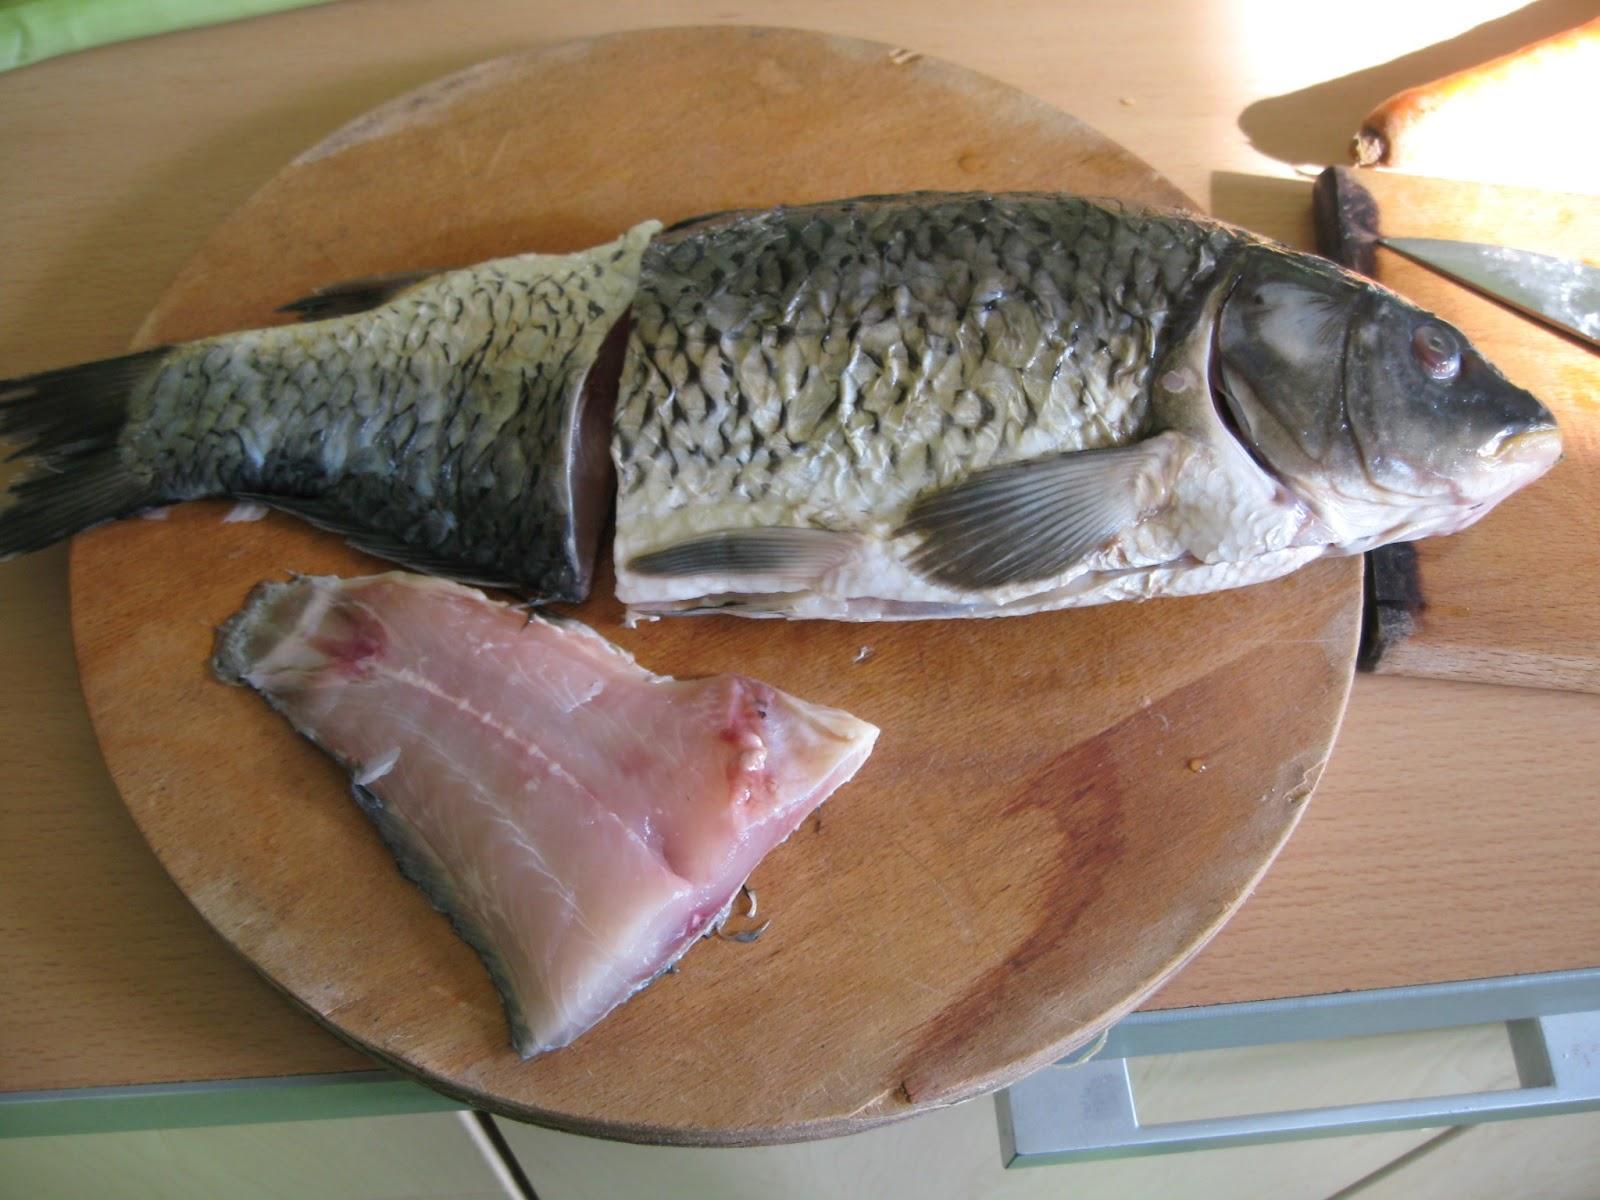 Alertă alimentară! Dacă ai cumpărat acest tip de pește aruncă-l imediat